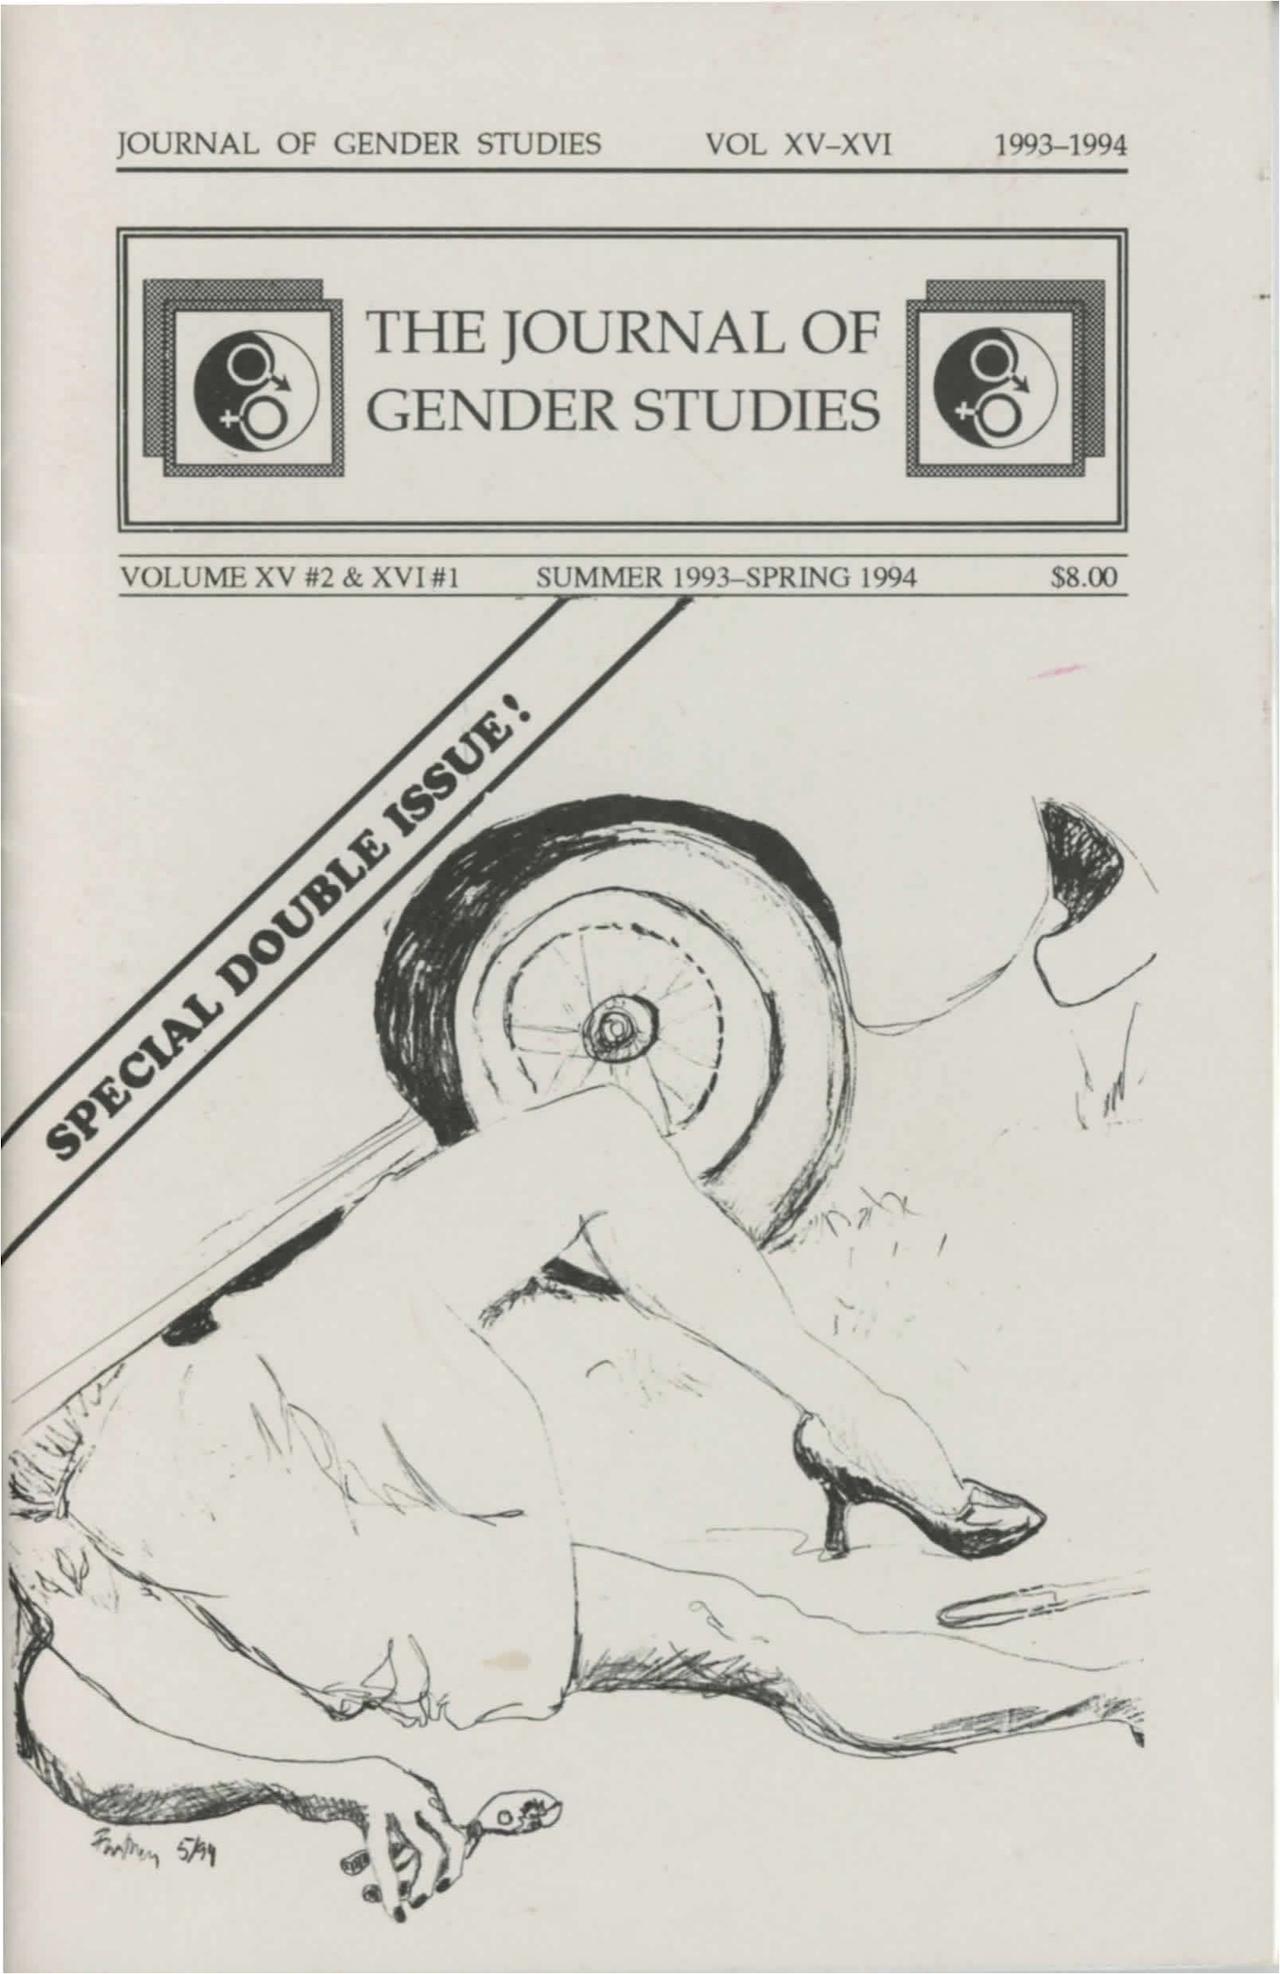 Cover of the Journal of Gender Studies Vol. XV #2 & XVI #1 (Summer 1993 - Spring 1994) (courtesy Digital Transgender Archive)